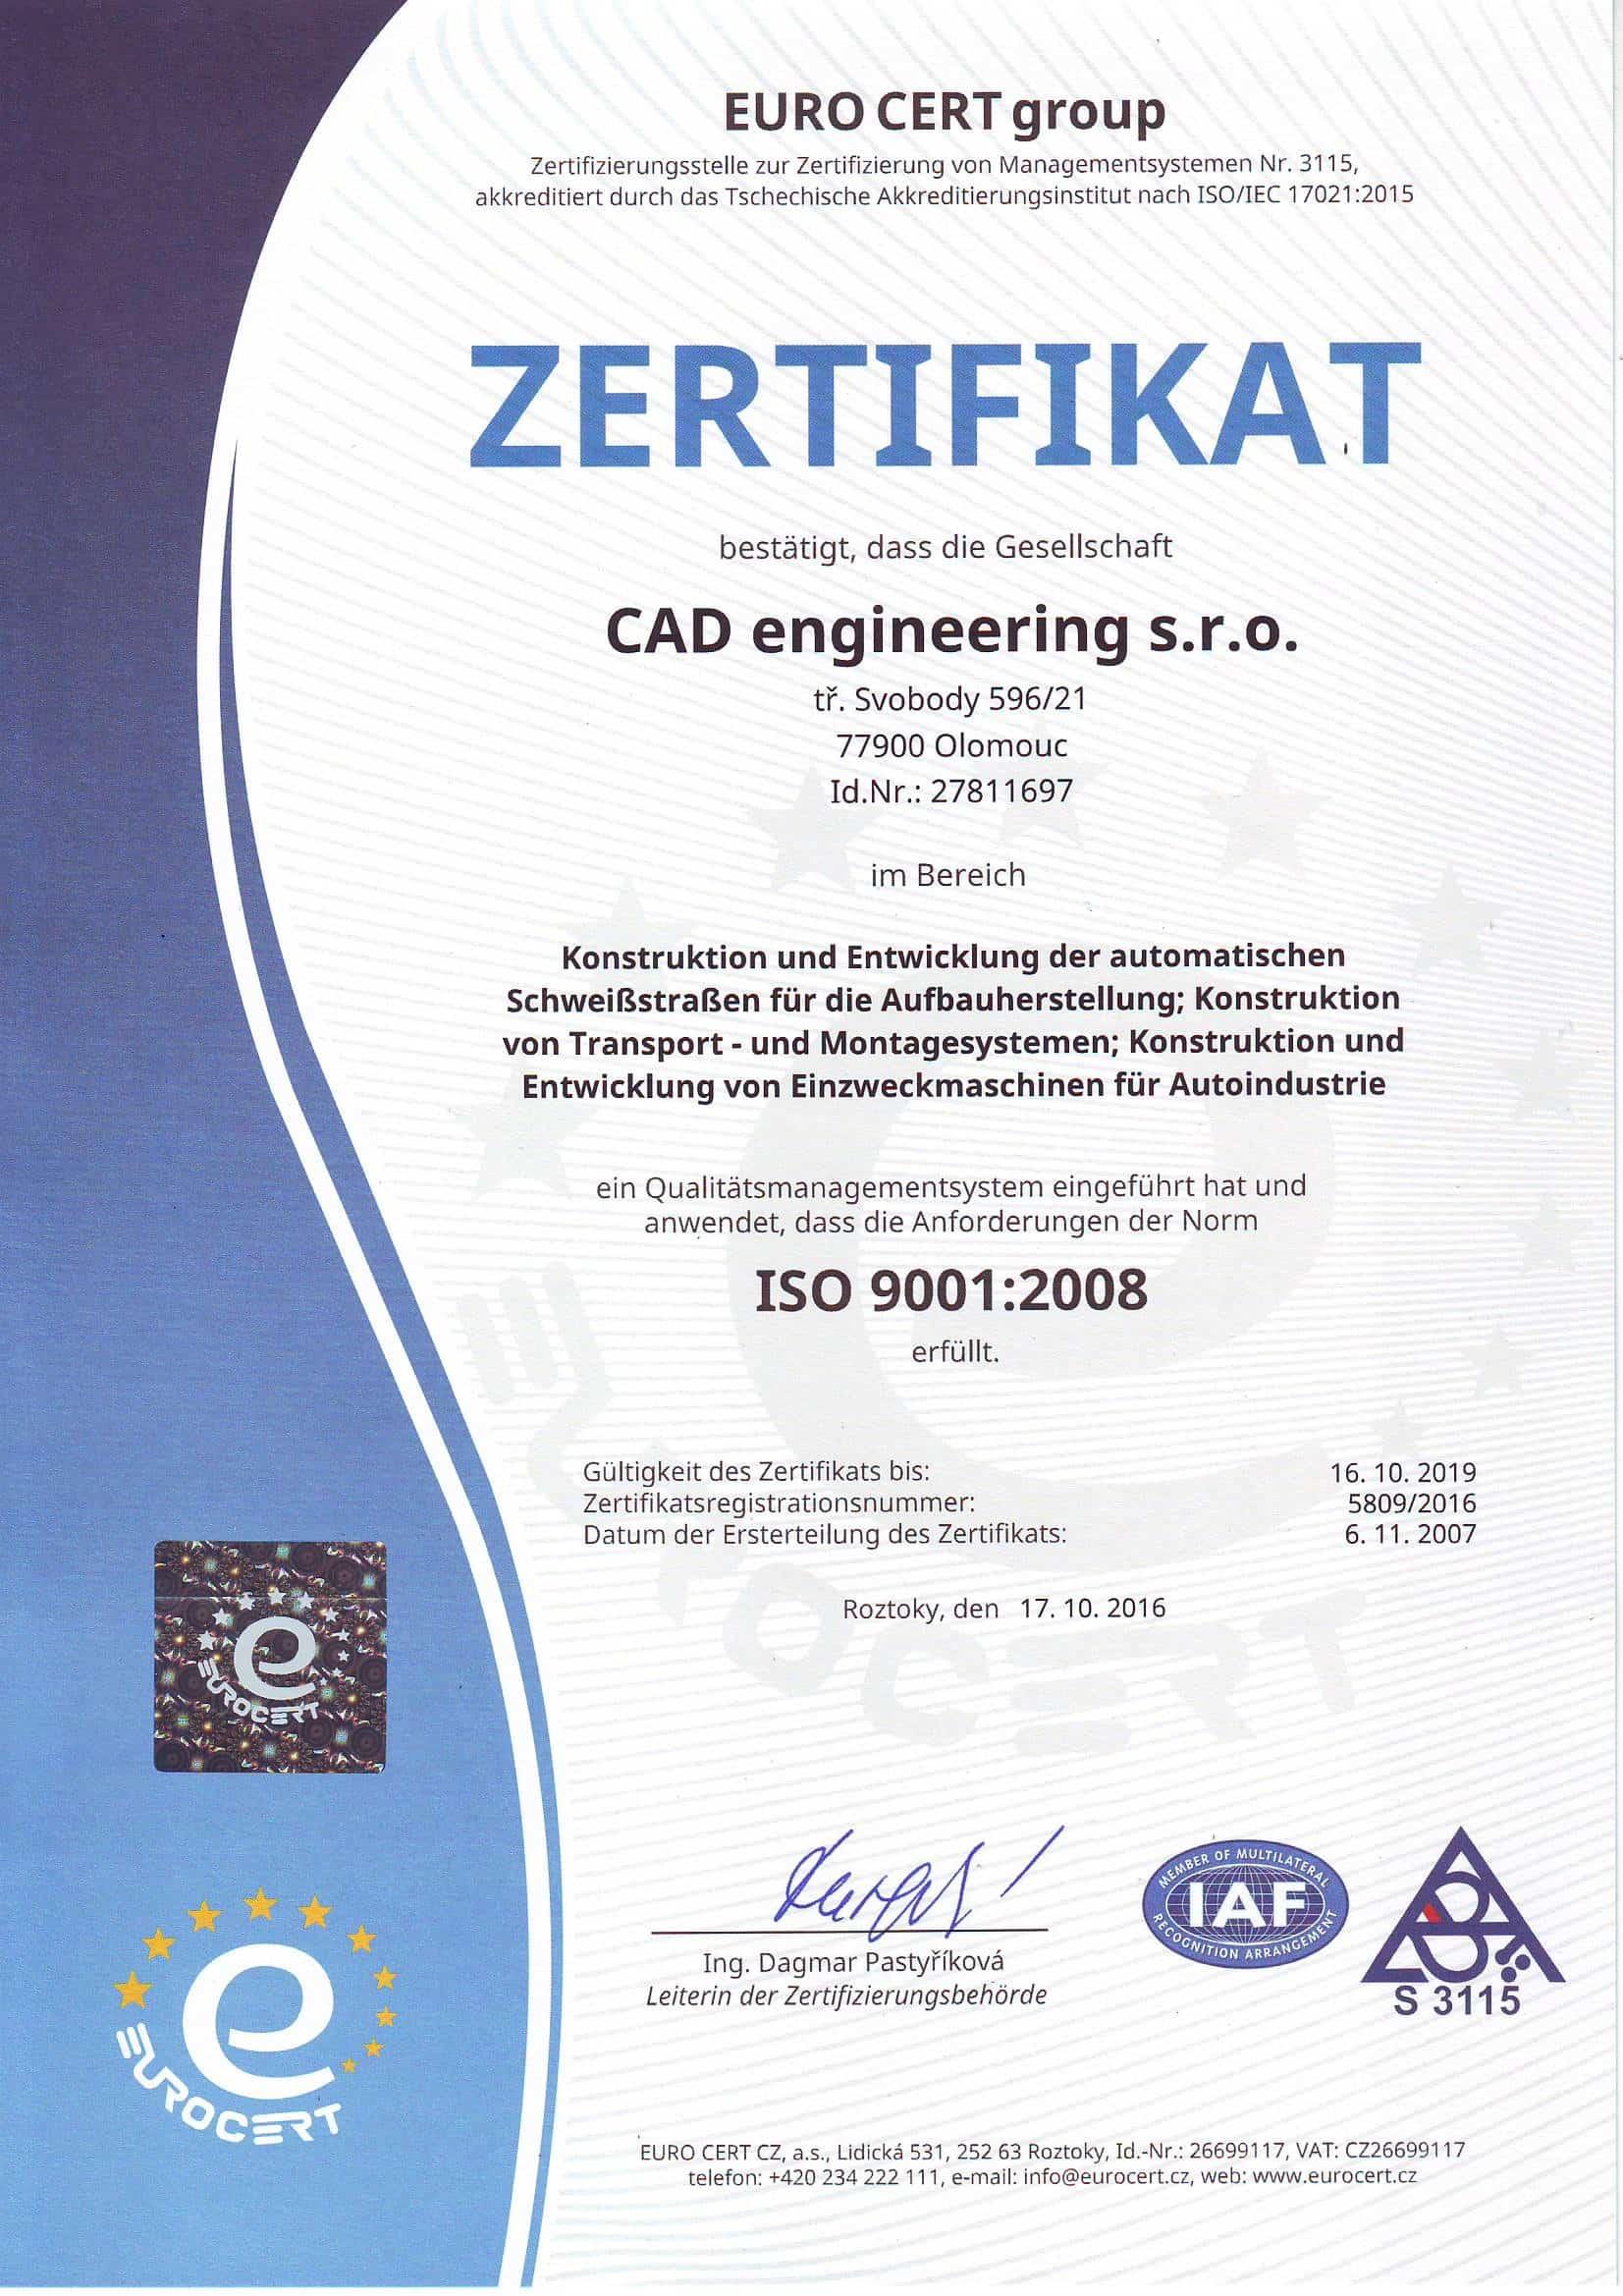 https://www.cad-engineering.cz/wp/wp-content/uploads/2017/06/cad-de-iso-9001-2008.jpg